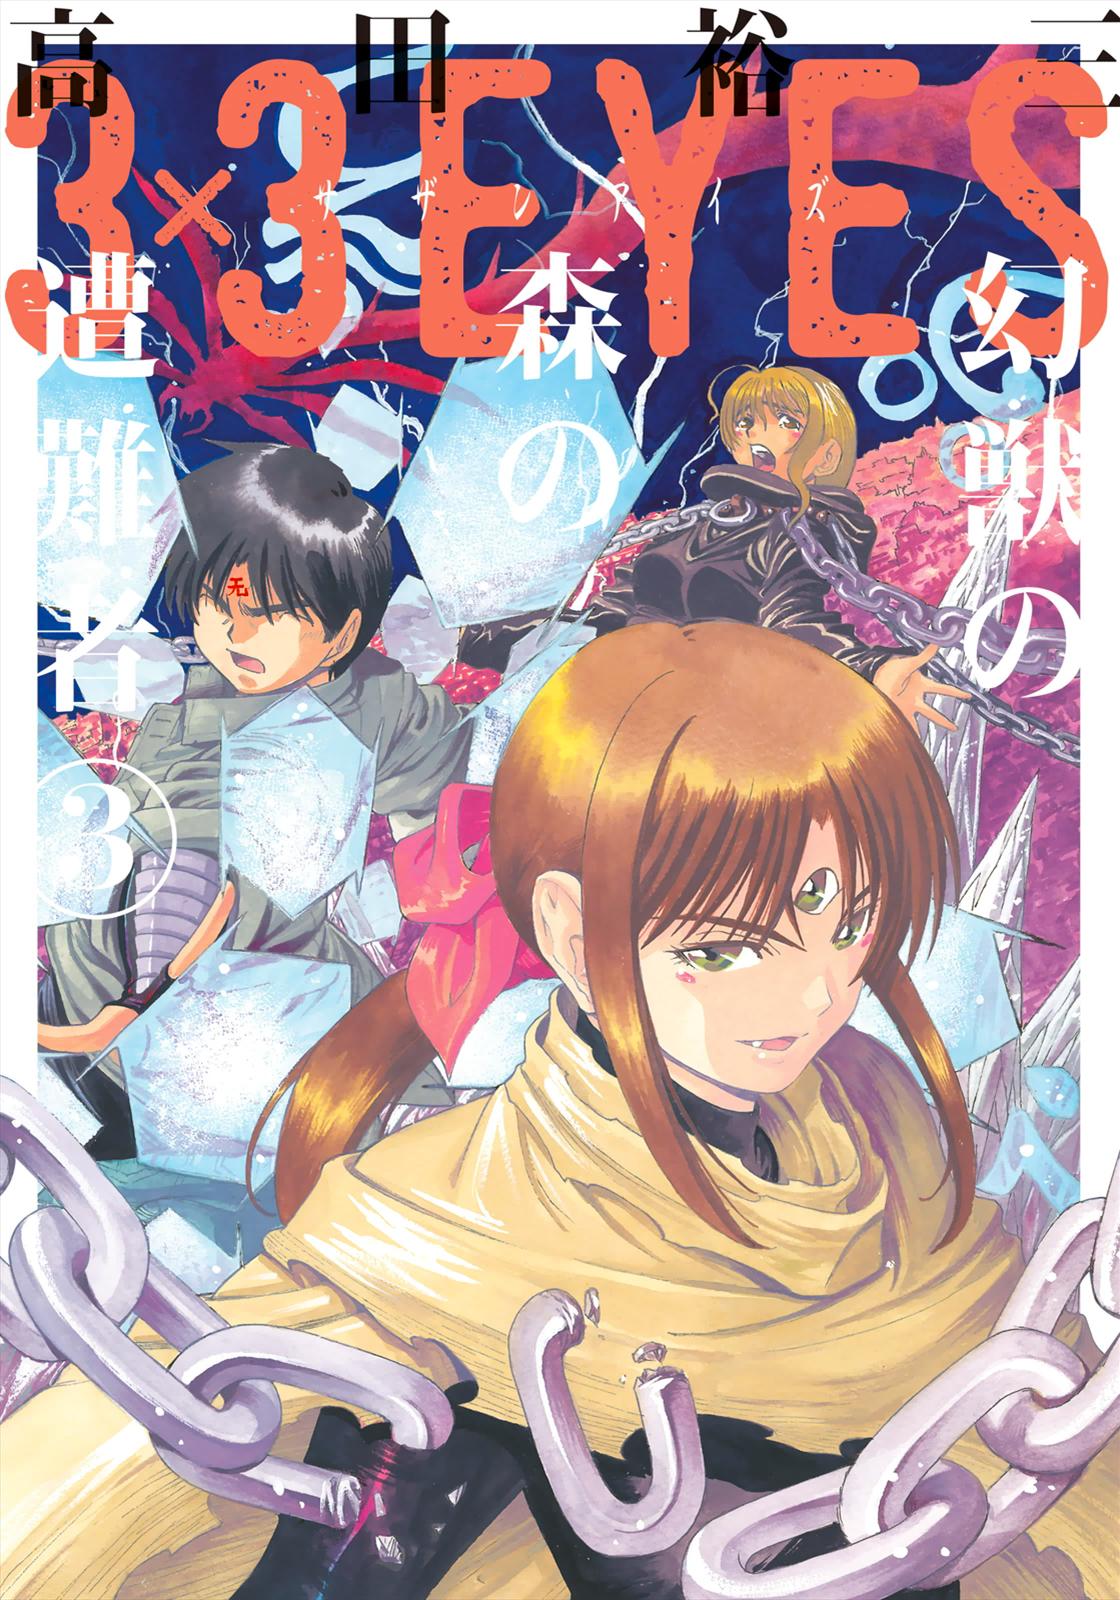 160422 – 第71話公開、三隻眼續集《3×3EYES 幻獸之森的遇難者》甲子美智瑠(みちる)悲到最高點!